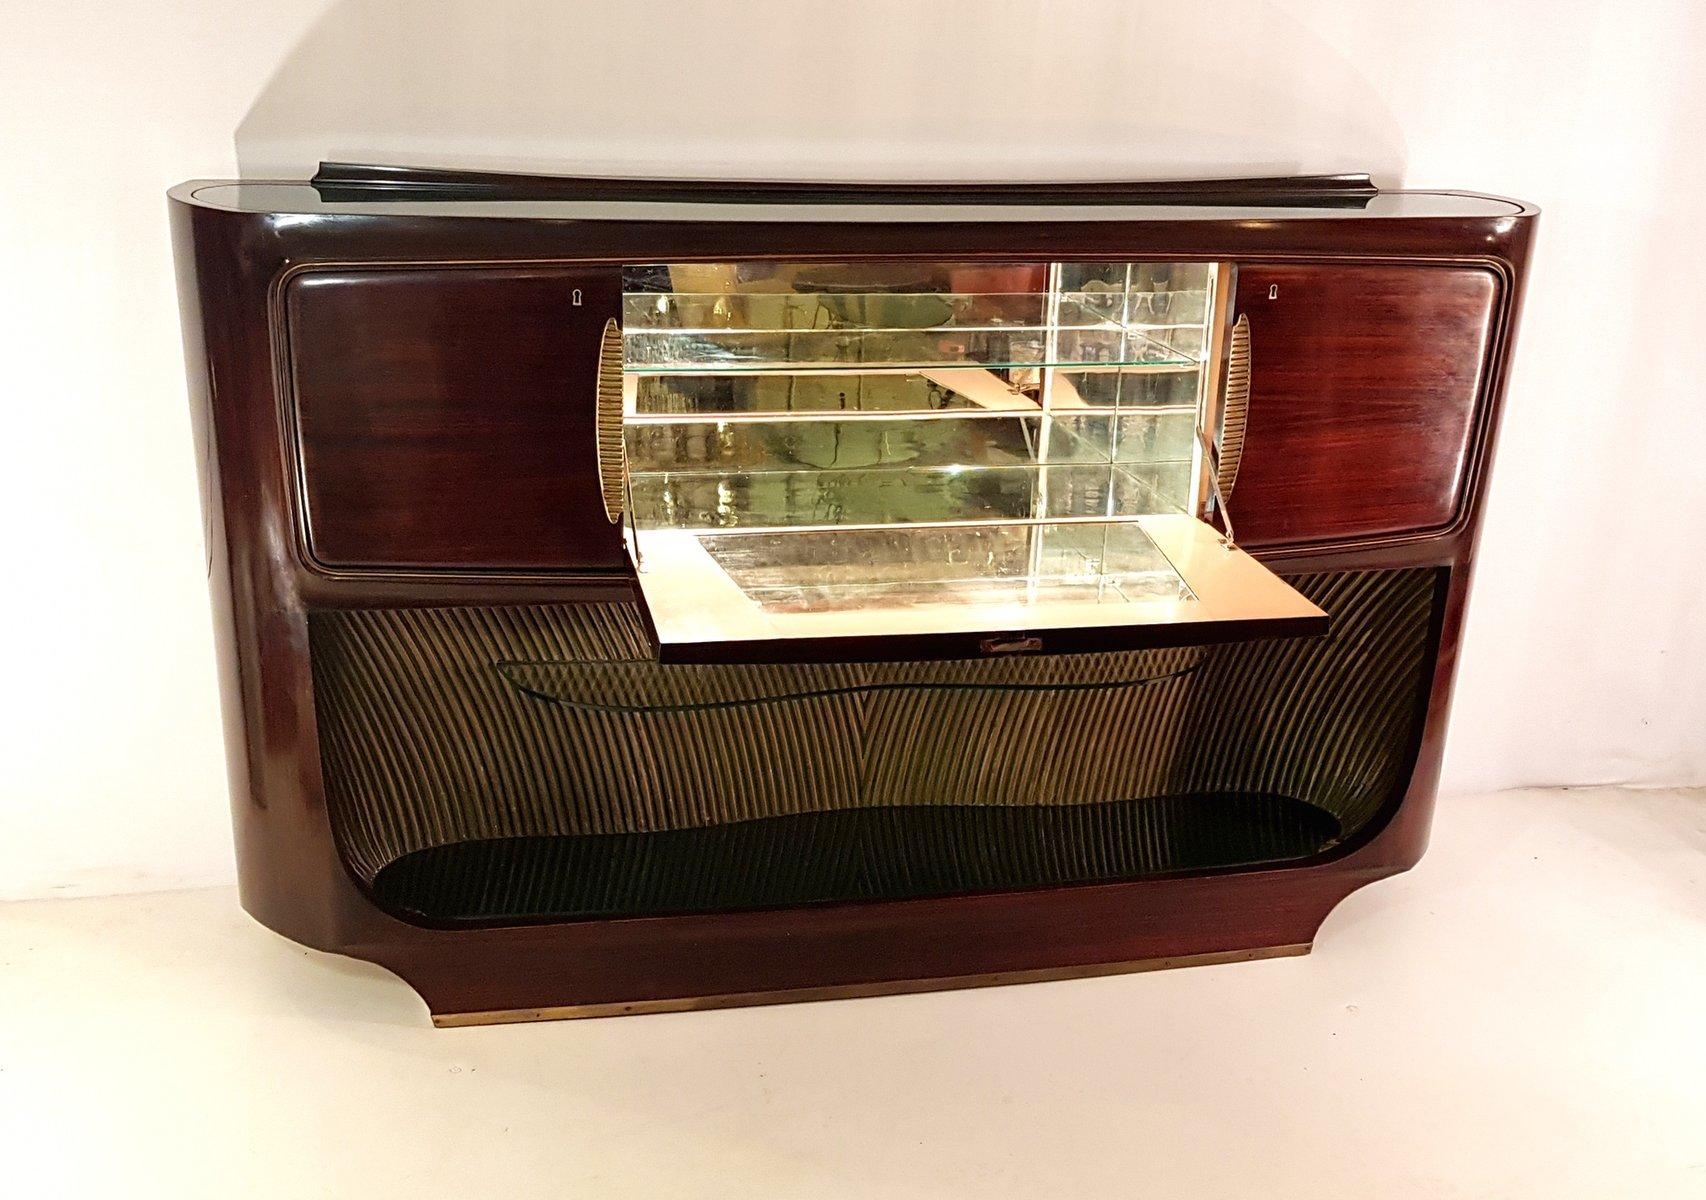 Mobile bar di vittorio dassi per esposizione mobili cant anni 39 40 in vendita su pamono - Mobile bar da appartamento ...